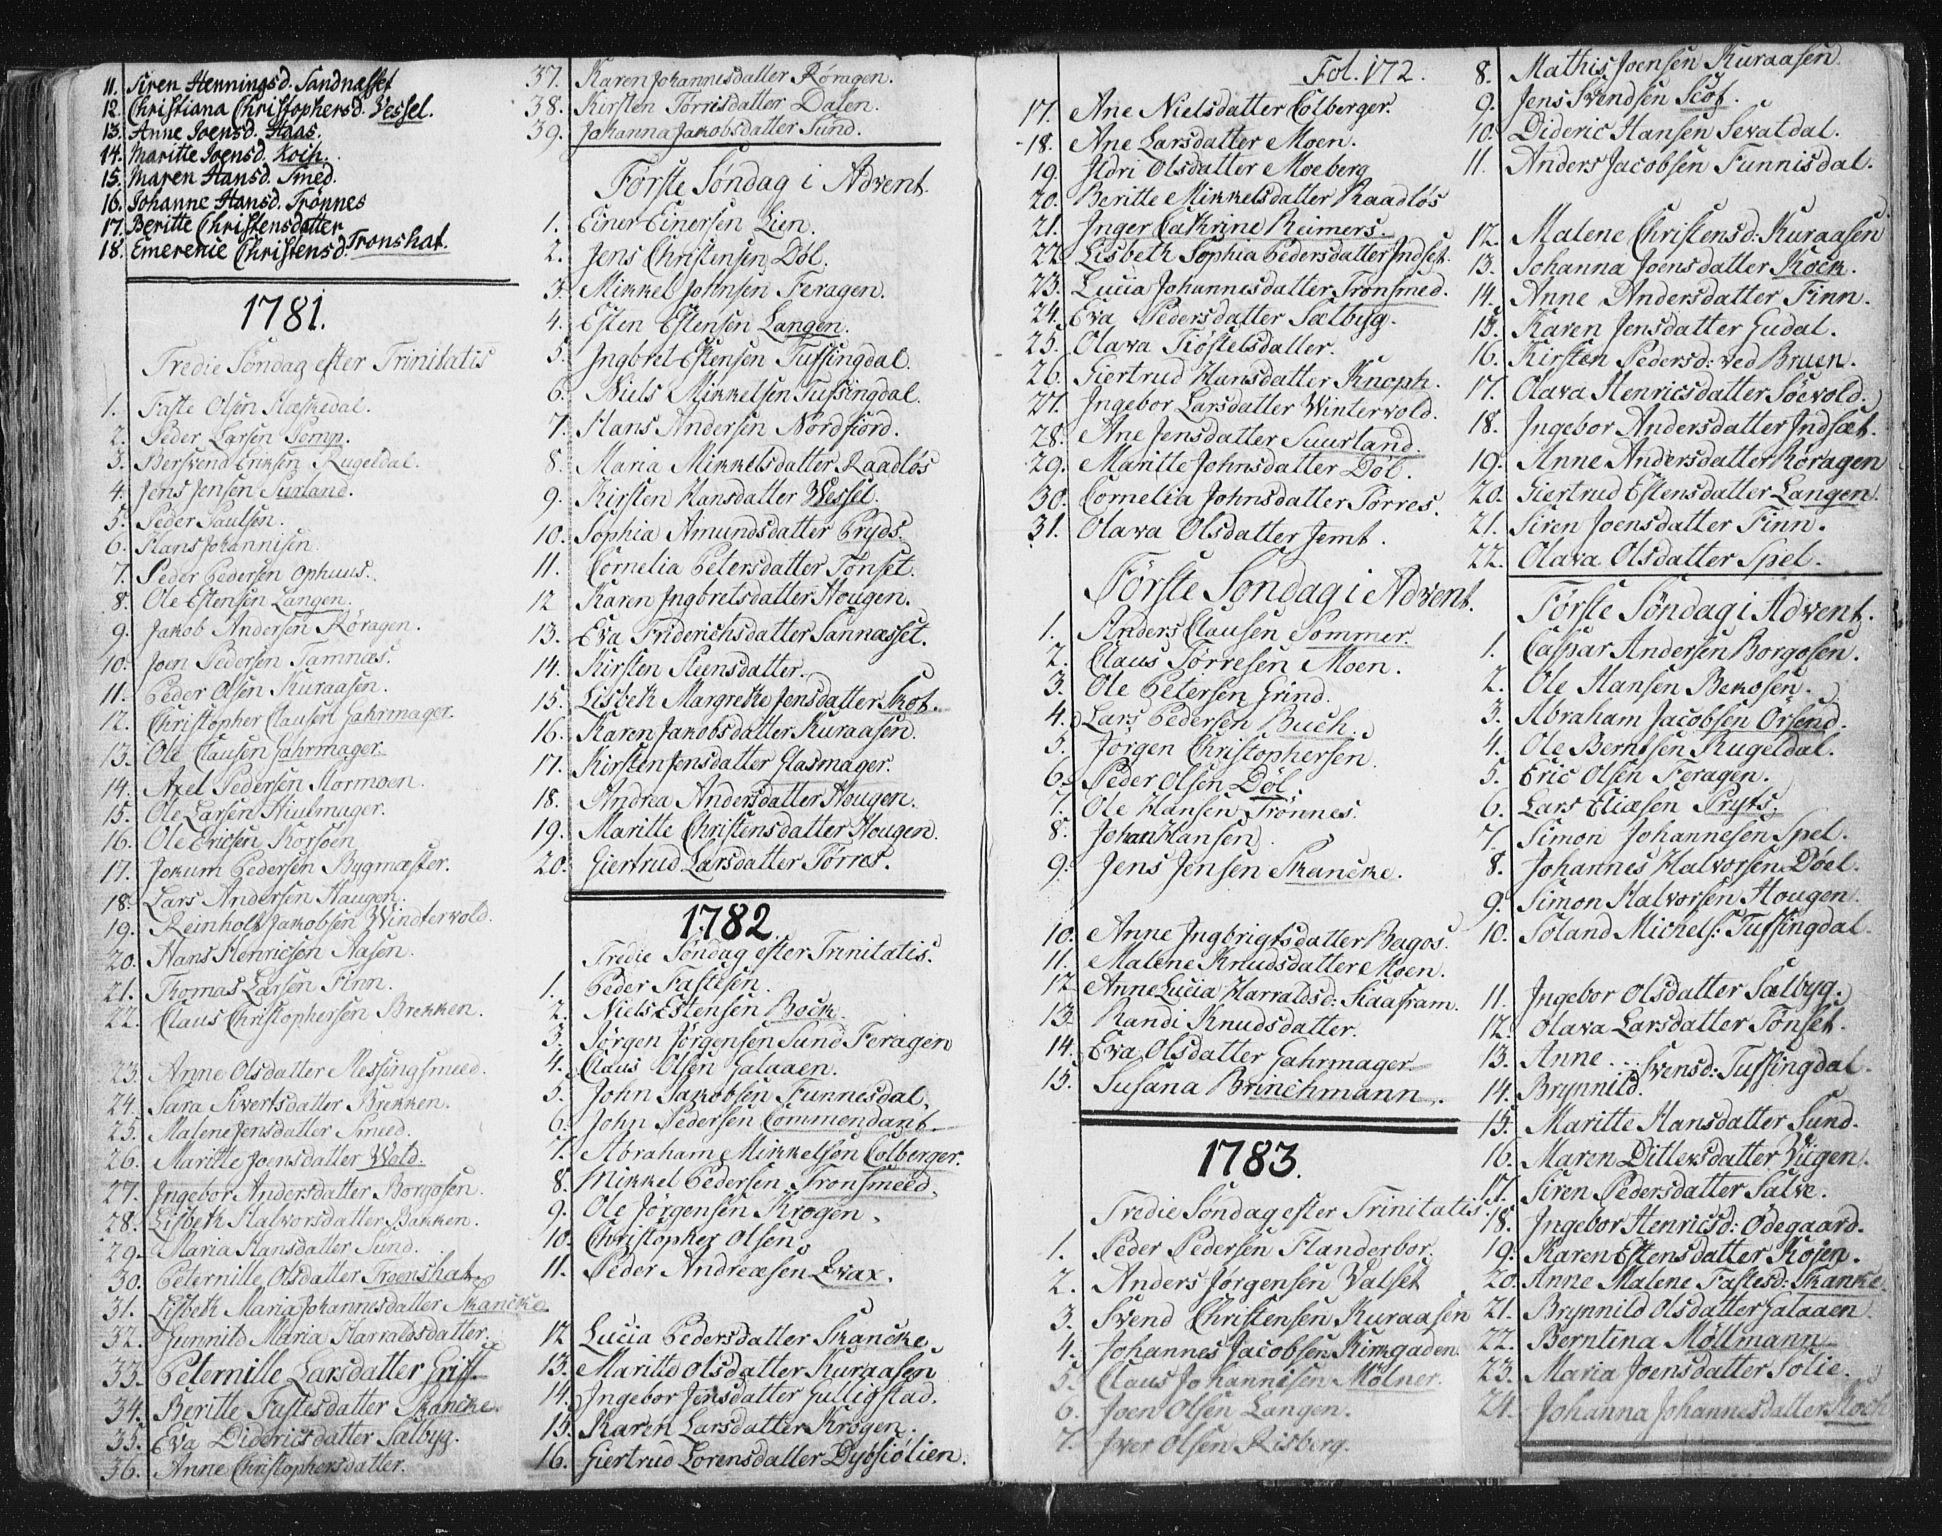 SAT, Ministerialprotokoller, klokkerbøker og fødselsregistre - Sør-Trøndelag, 681/L0926: Ministerialbok nr. 681A04, 1767-1797, s. 172